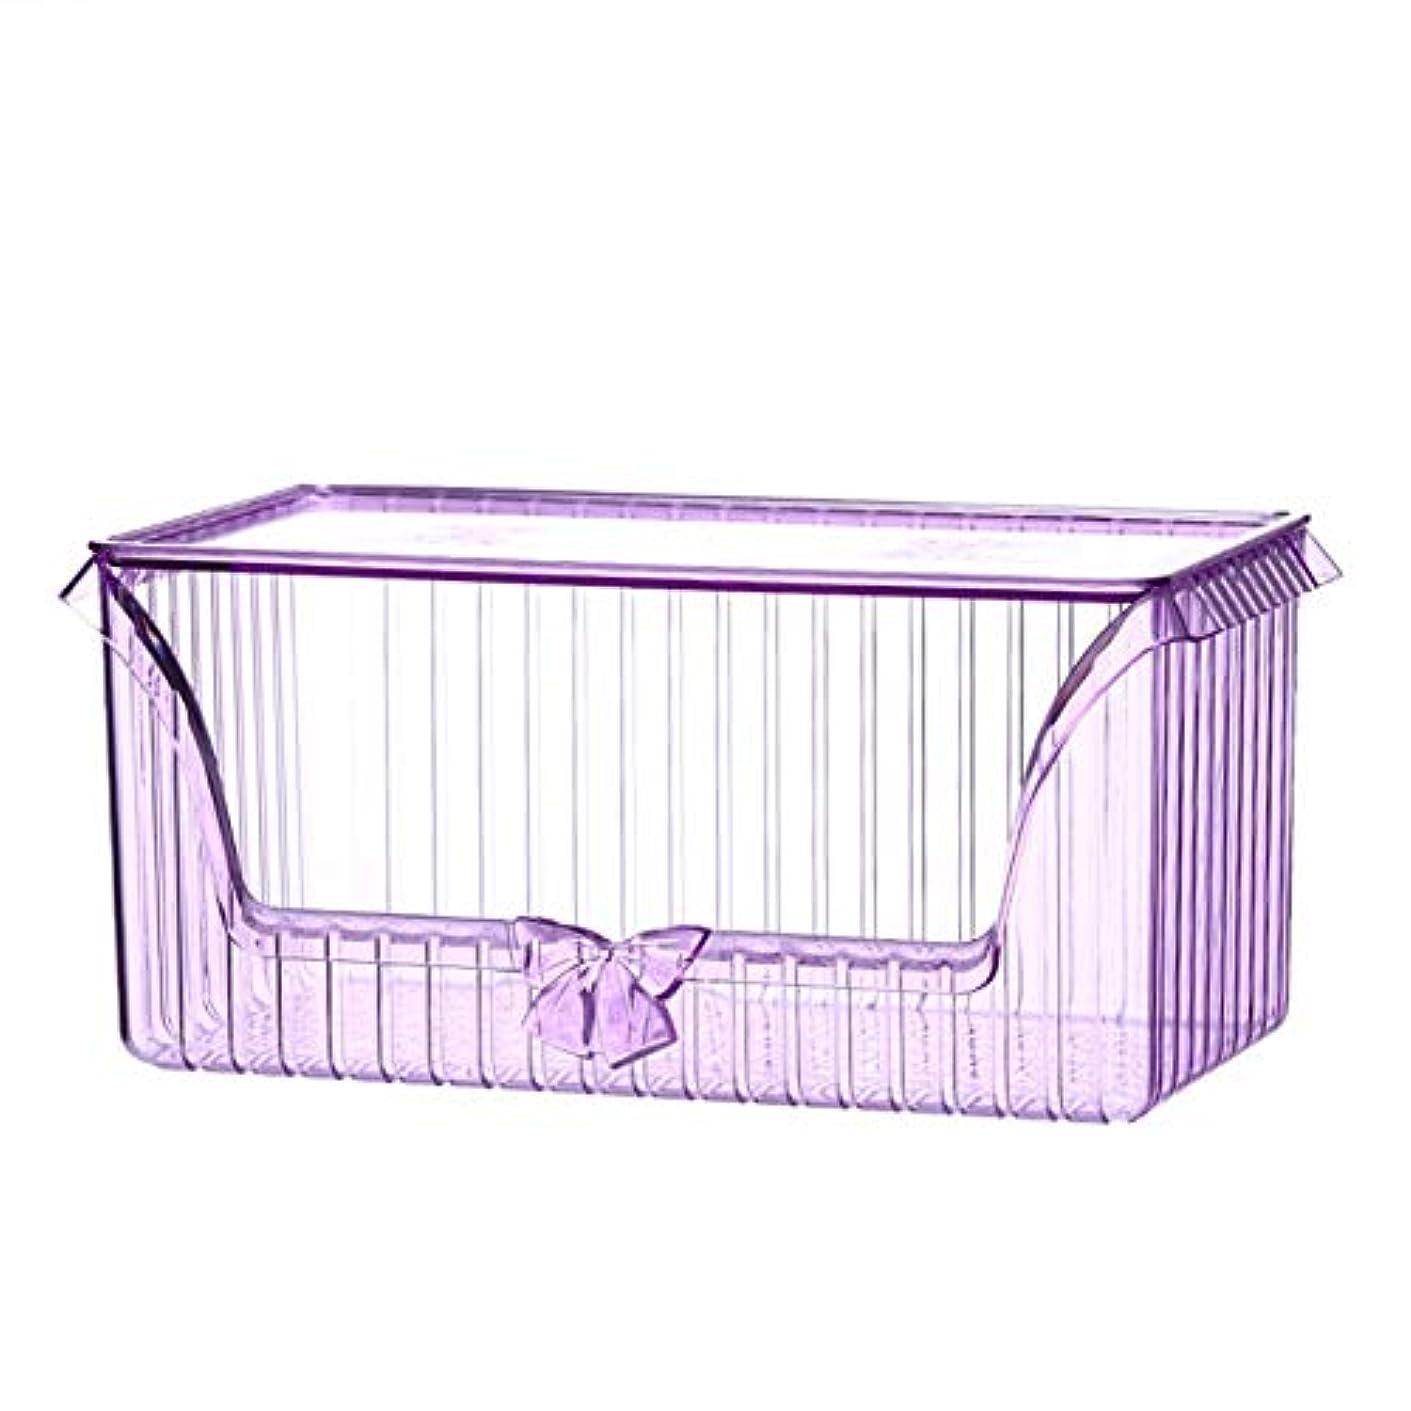 経済的もろい気がついて整理簡単 ヴィンテージ化粧品オーガナイザー化粧ディスプレイ収納スタンドホルダージュエリー香水口紅ディバイダーコンテナ引き出し付き大容量ドレッサー寝室の浴室 (色 : 紫の)